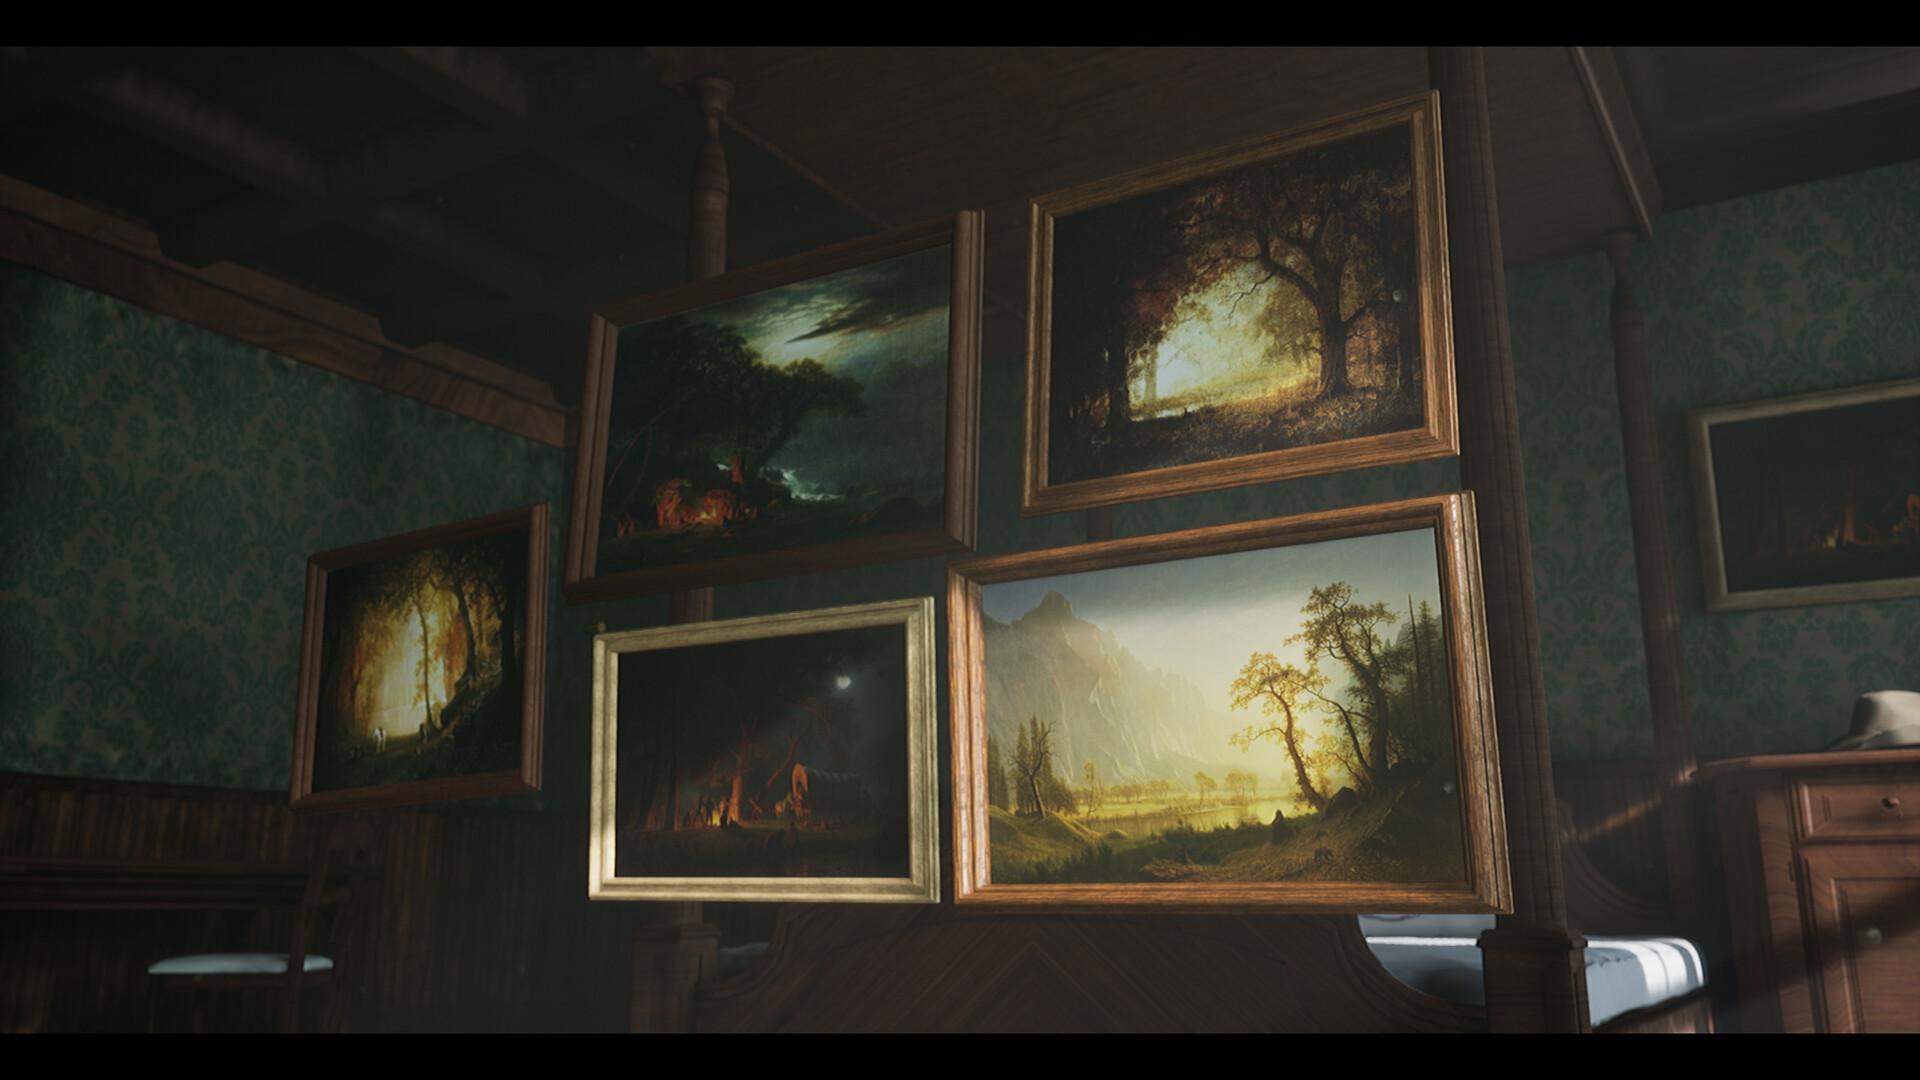 Christoffer radsby wip western room 04 paintings